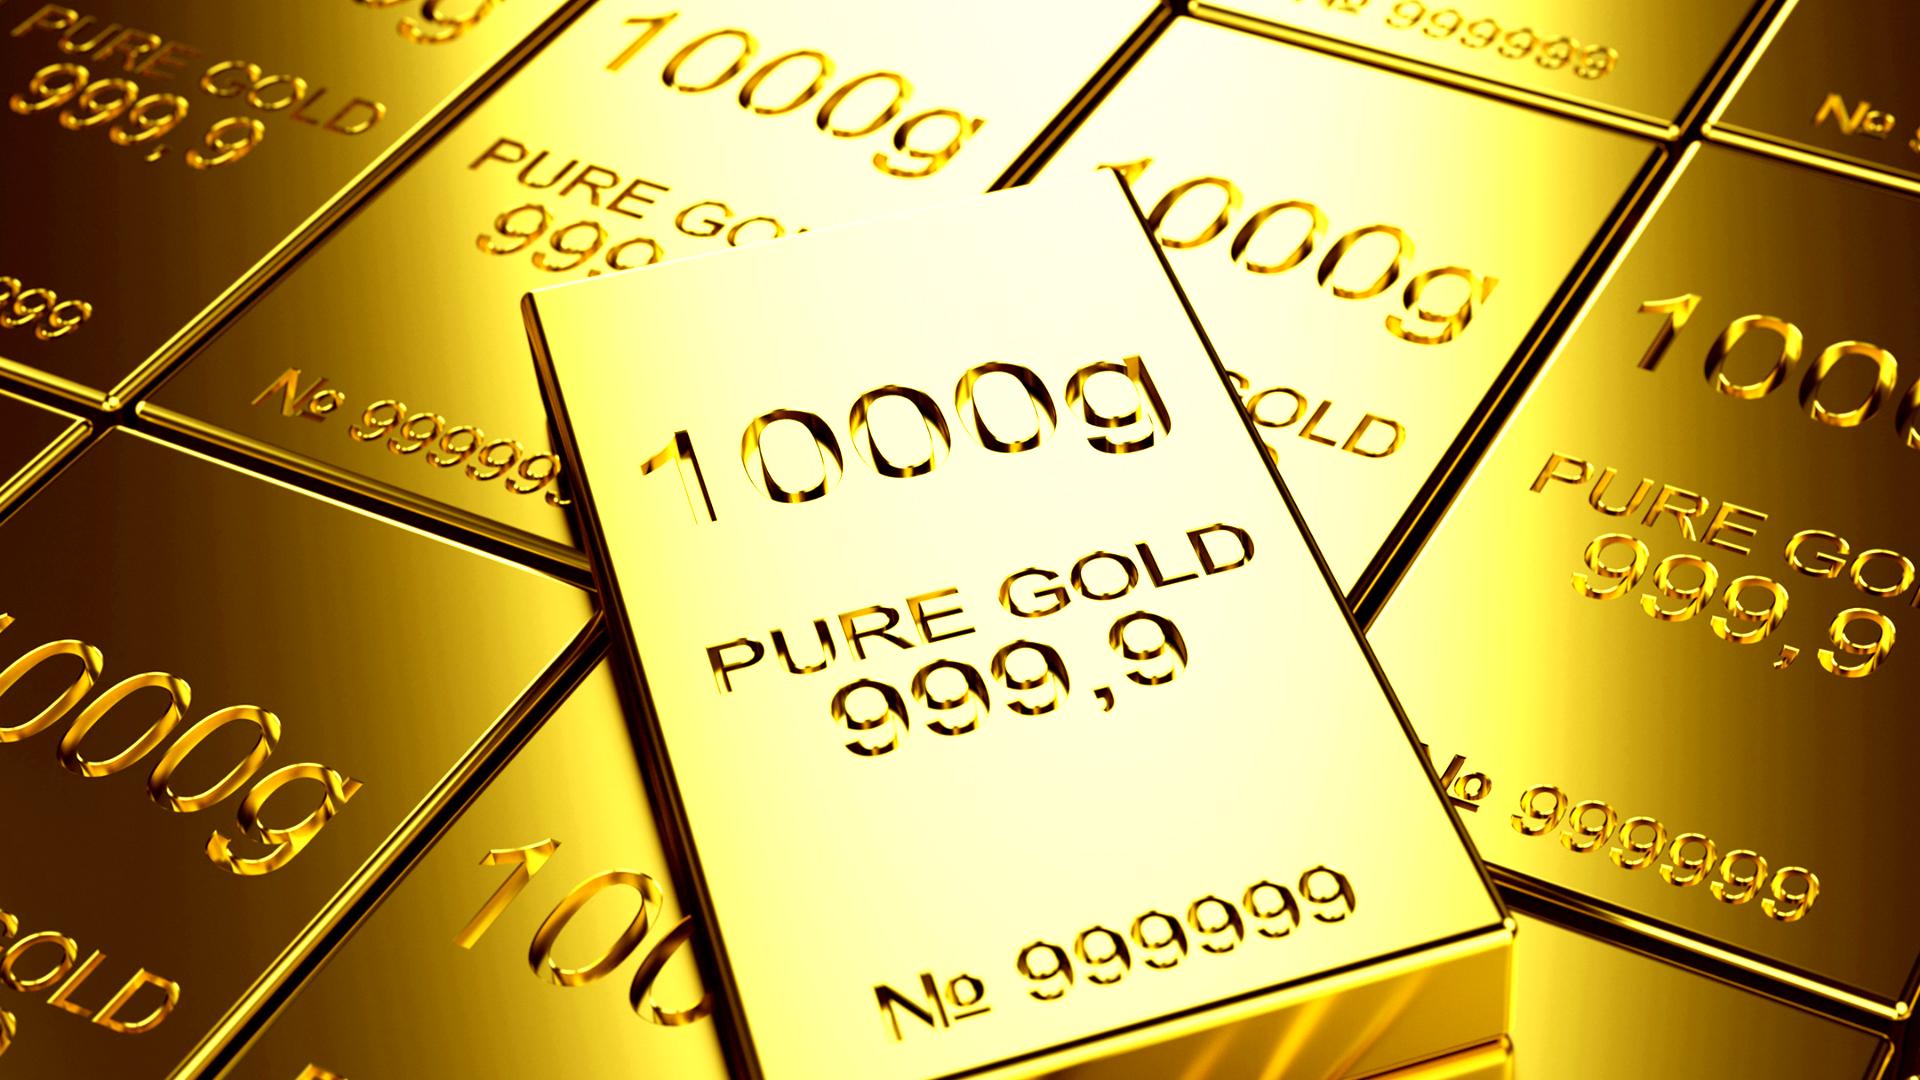 BorderKO Gold Bar Stock: 6GB (25.06.2020) (01:59)